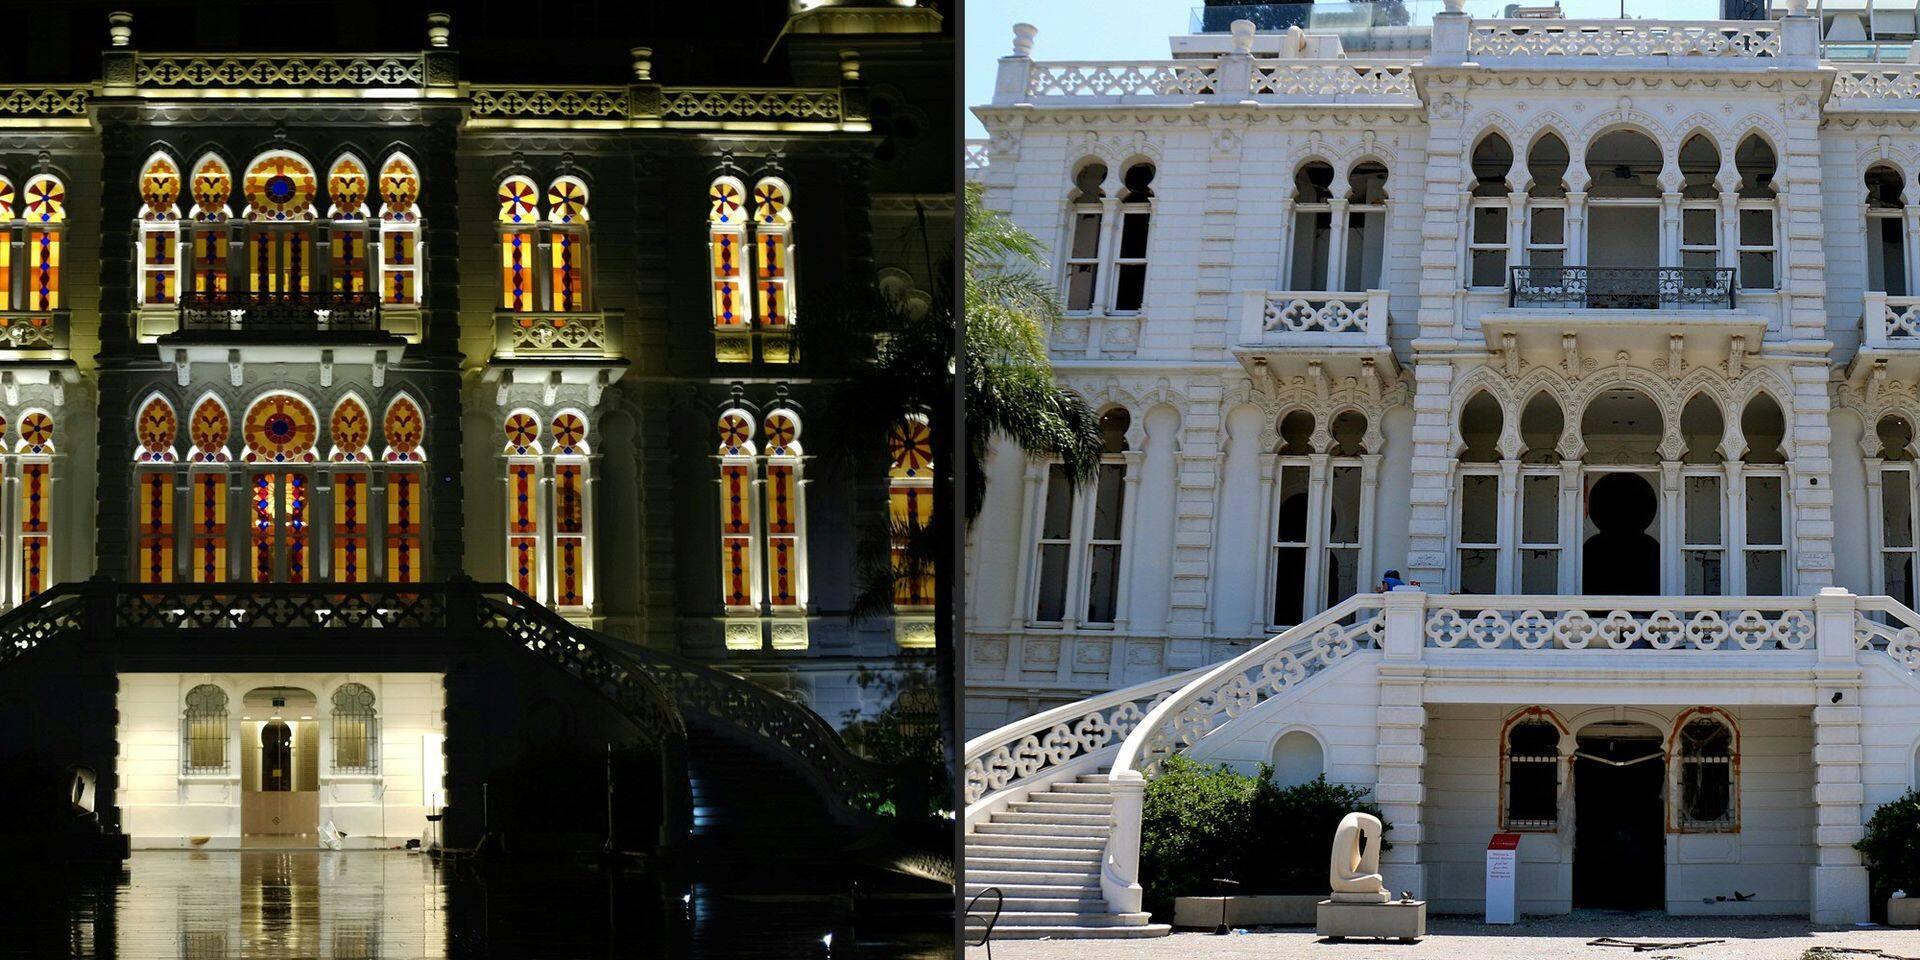 À Beyrouth, l'explosion a aussi ravagé des joyaux architecturaux